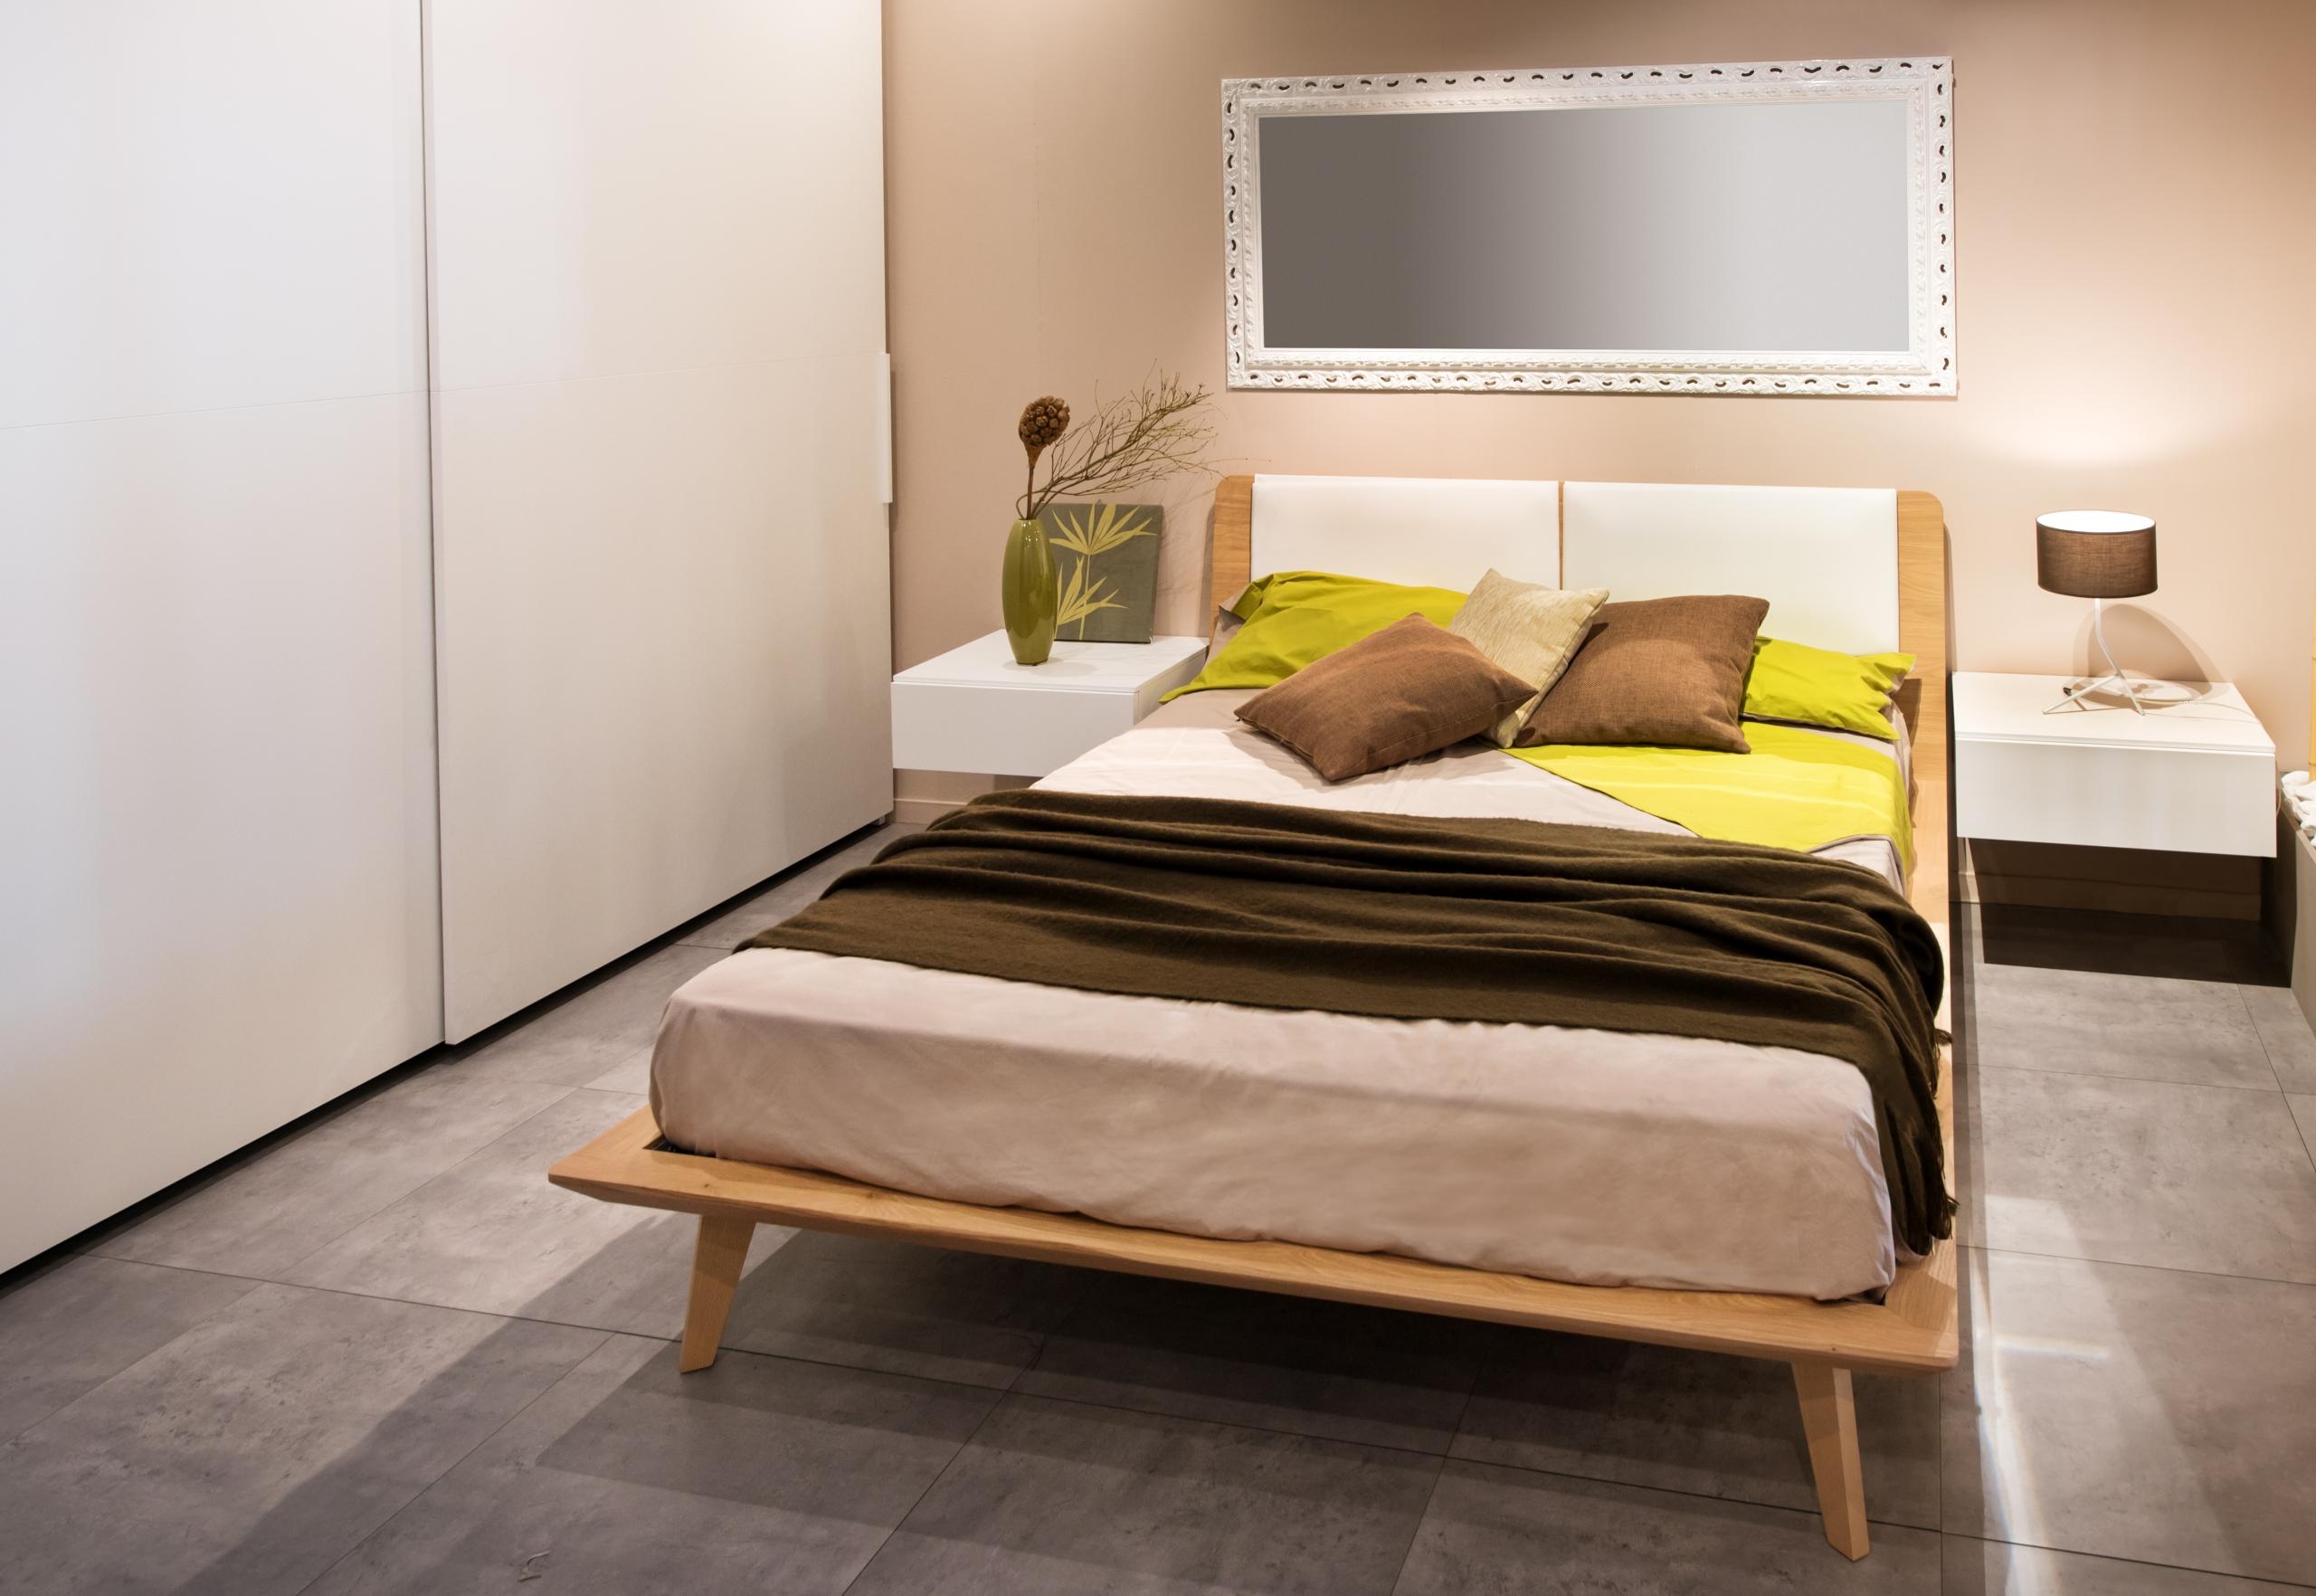 Łóżko skandynawskie